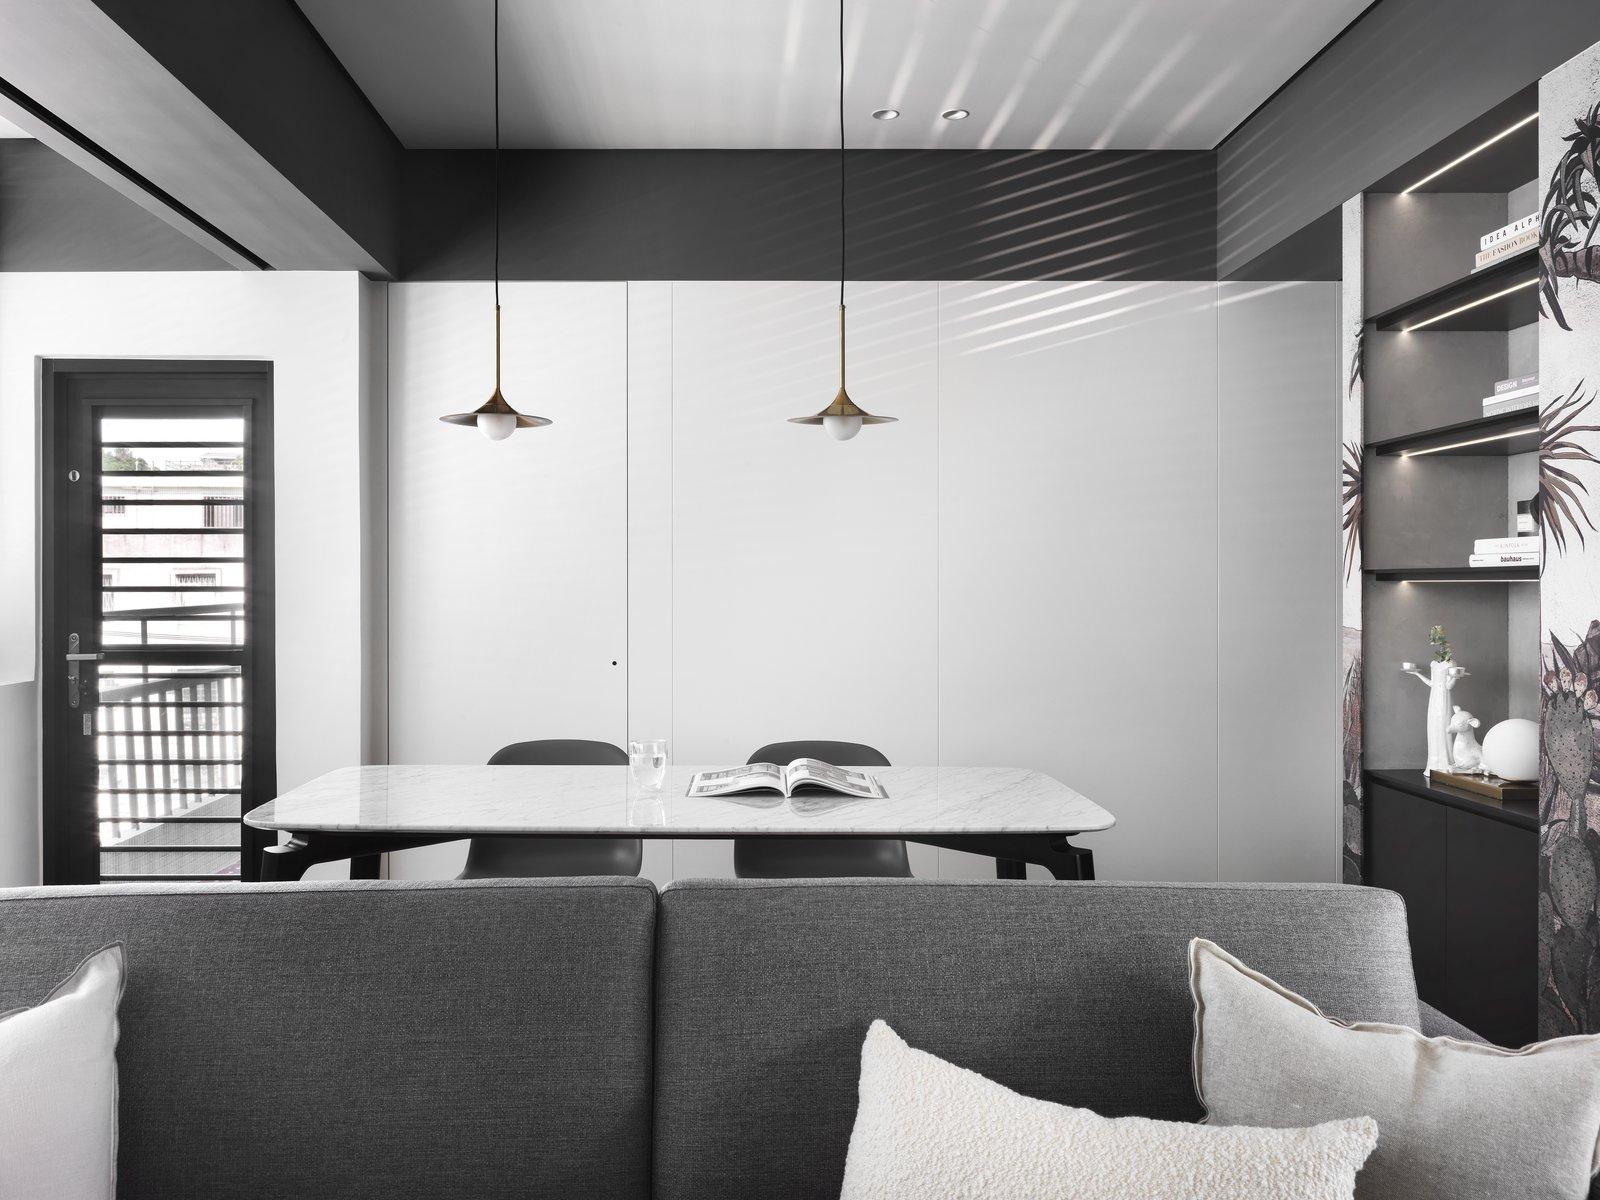 带起居室,轻质硬木地板,椅子和天花板照明的现代住宅。 日常生活的隐形秩序照片12